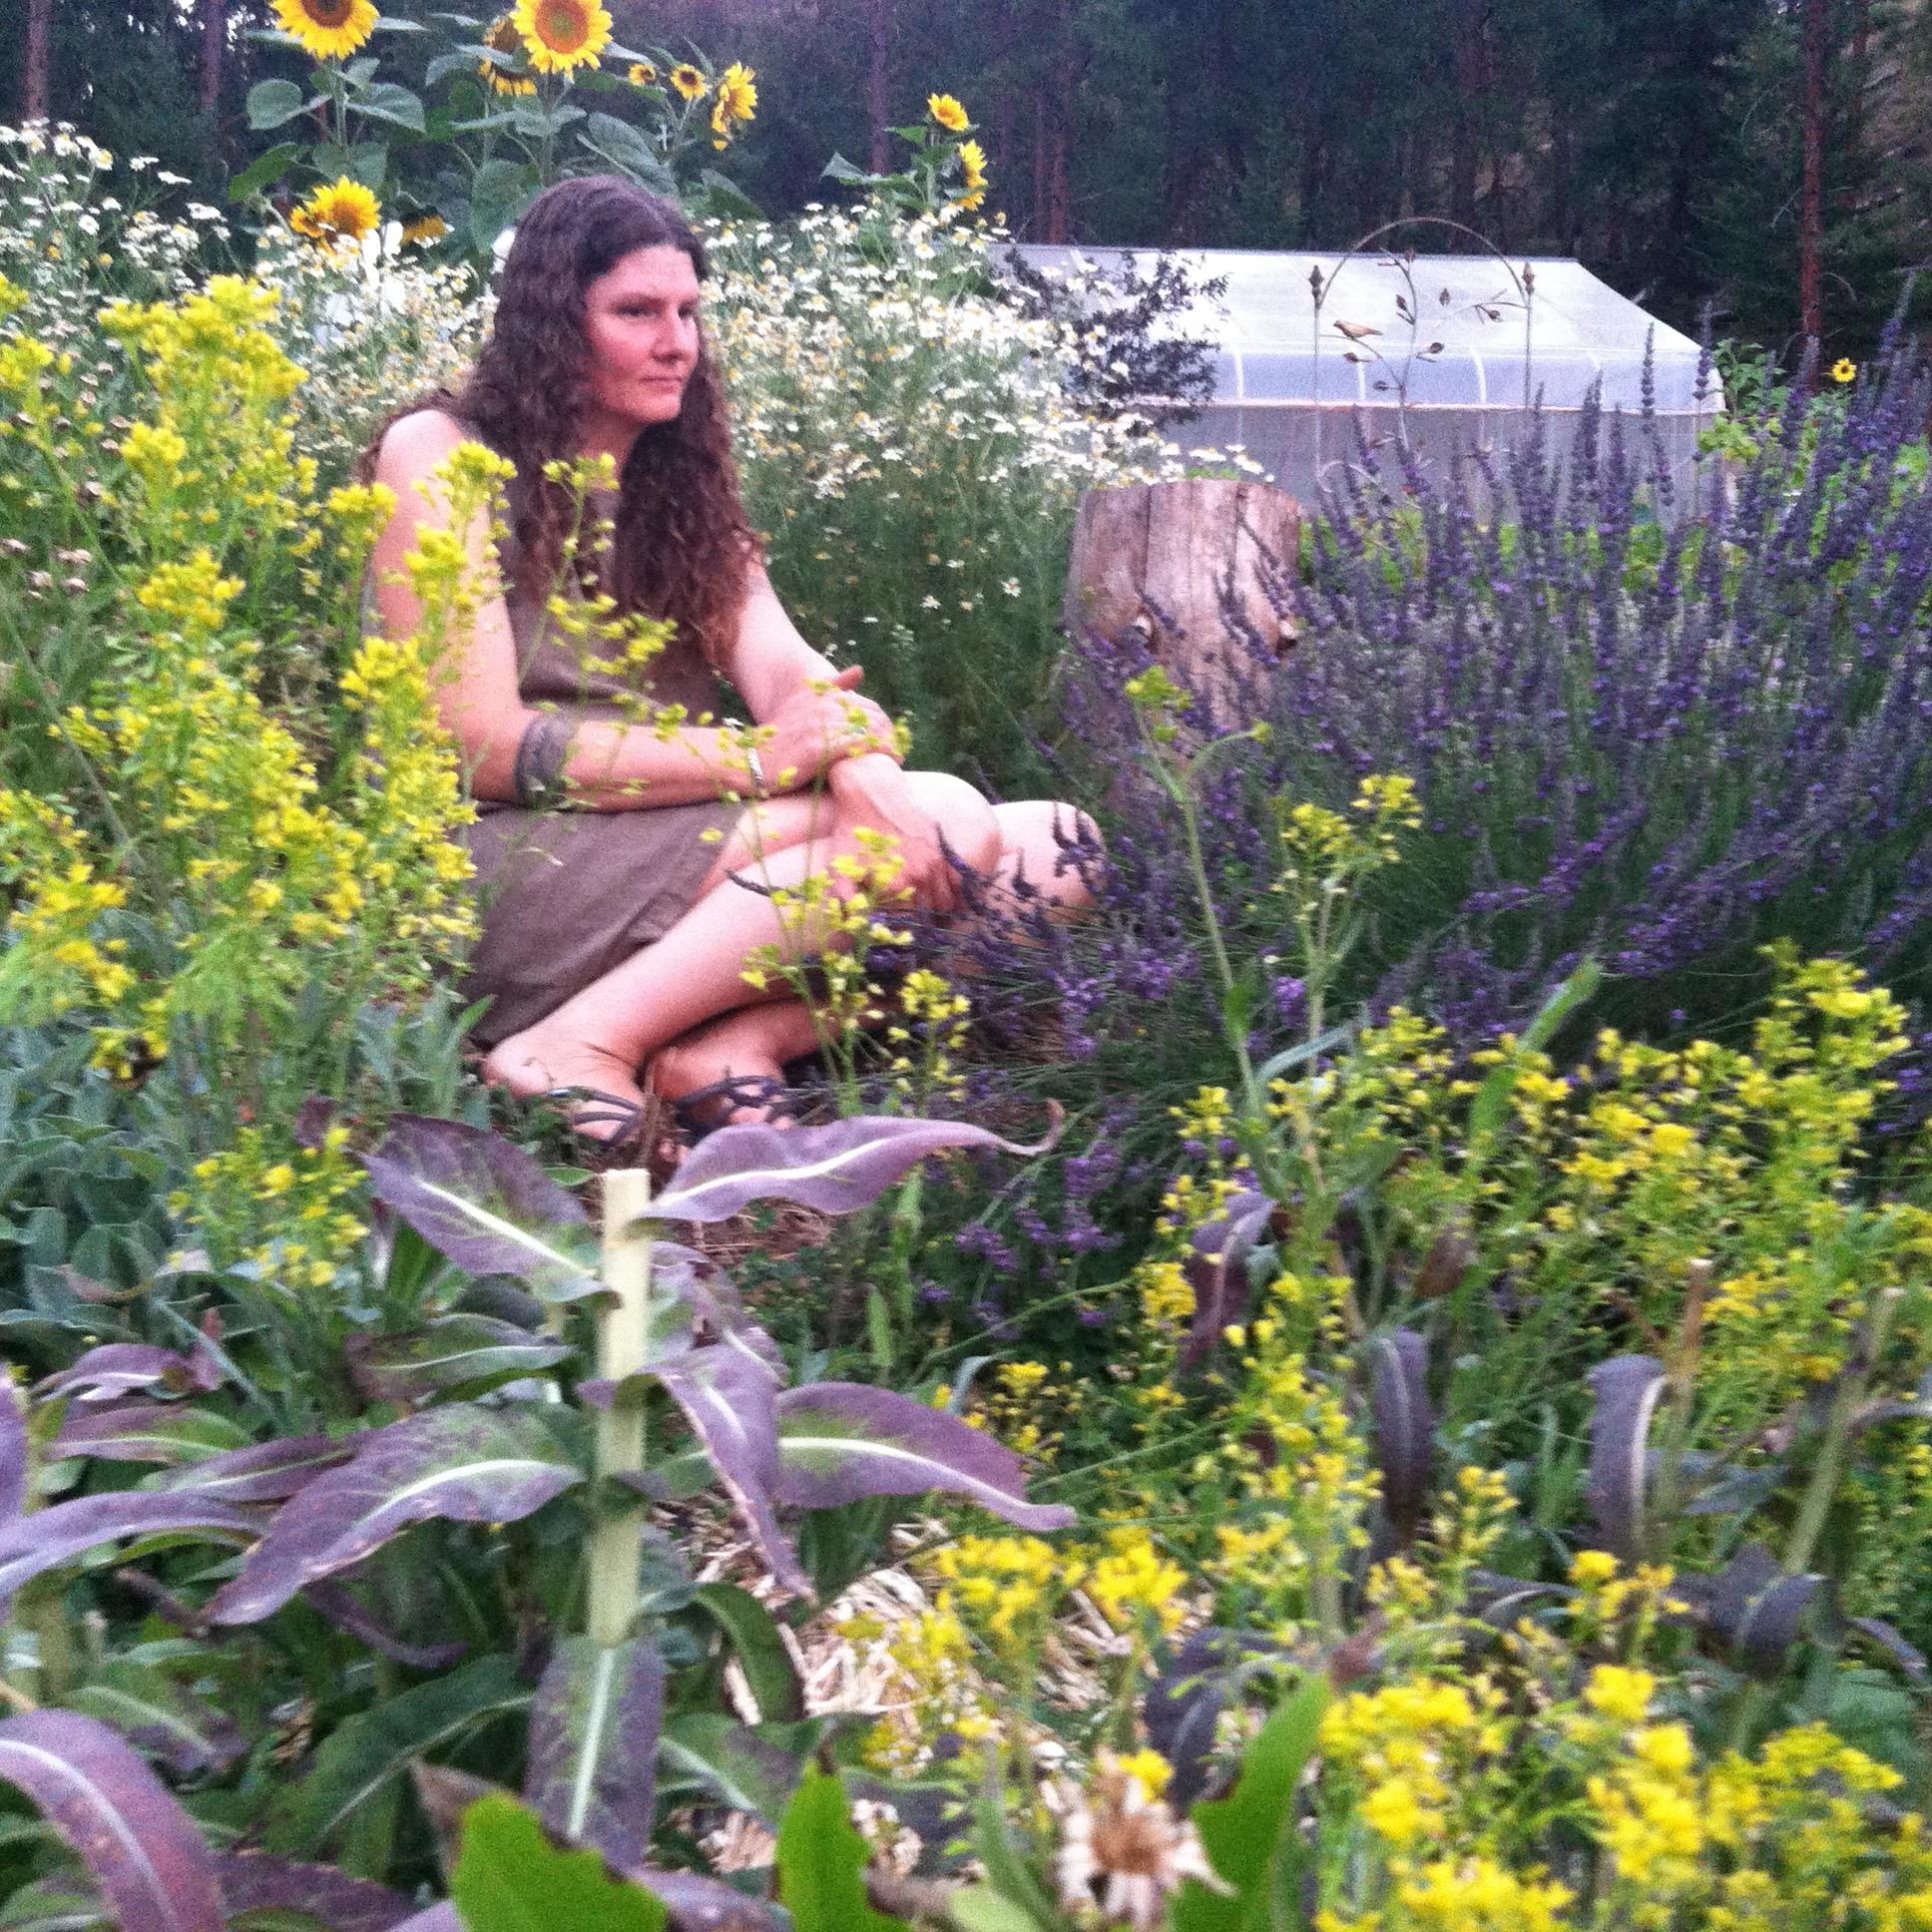 Lovin' my herb garden